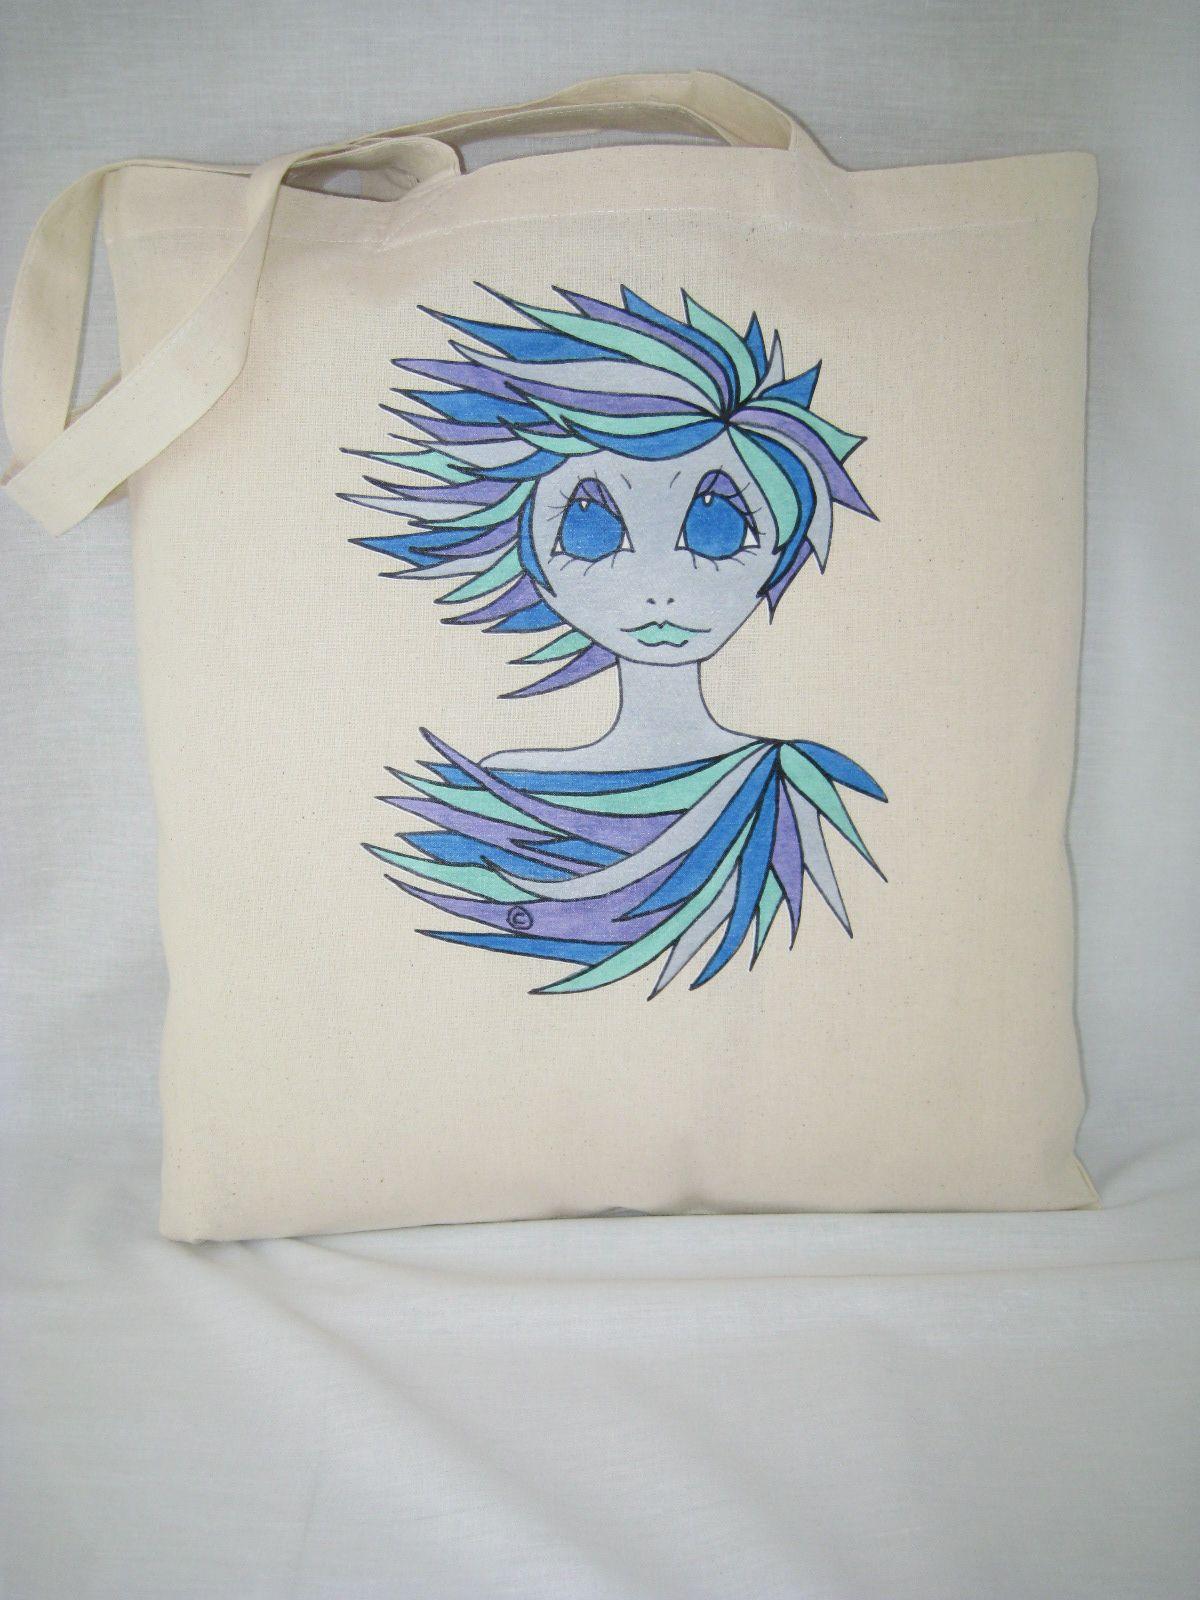 Novas Alice Brands sacolas ombro, única forma disponível: etsy.com/uk/shop/AliceBrands ... ou alicebrands.co.uk/Categories/30/Tote+Bags